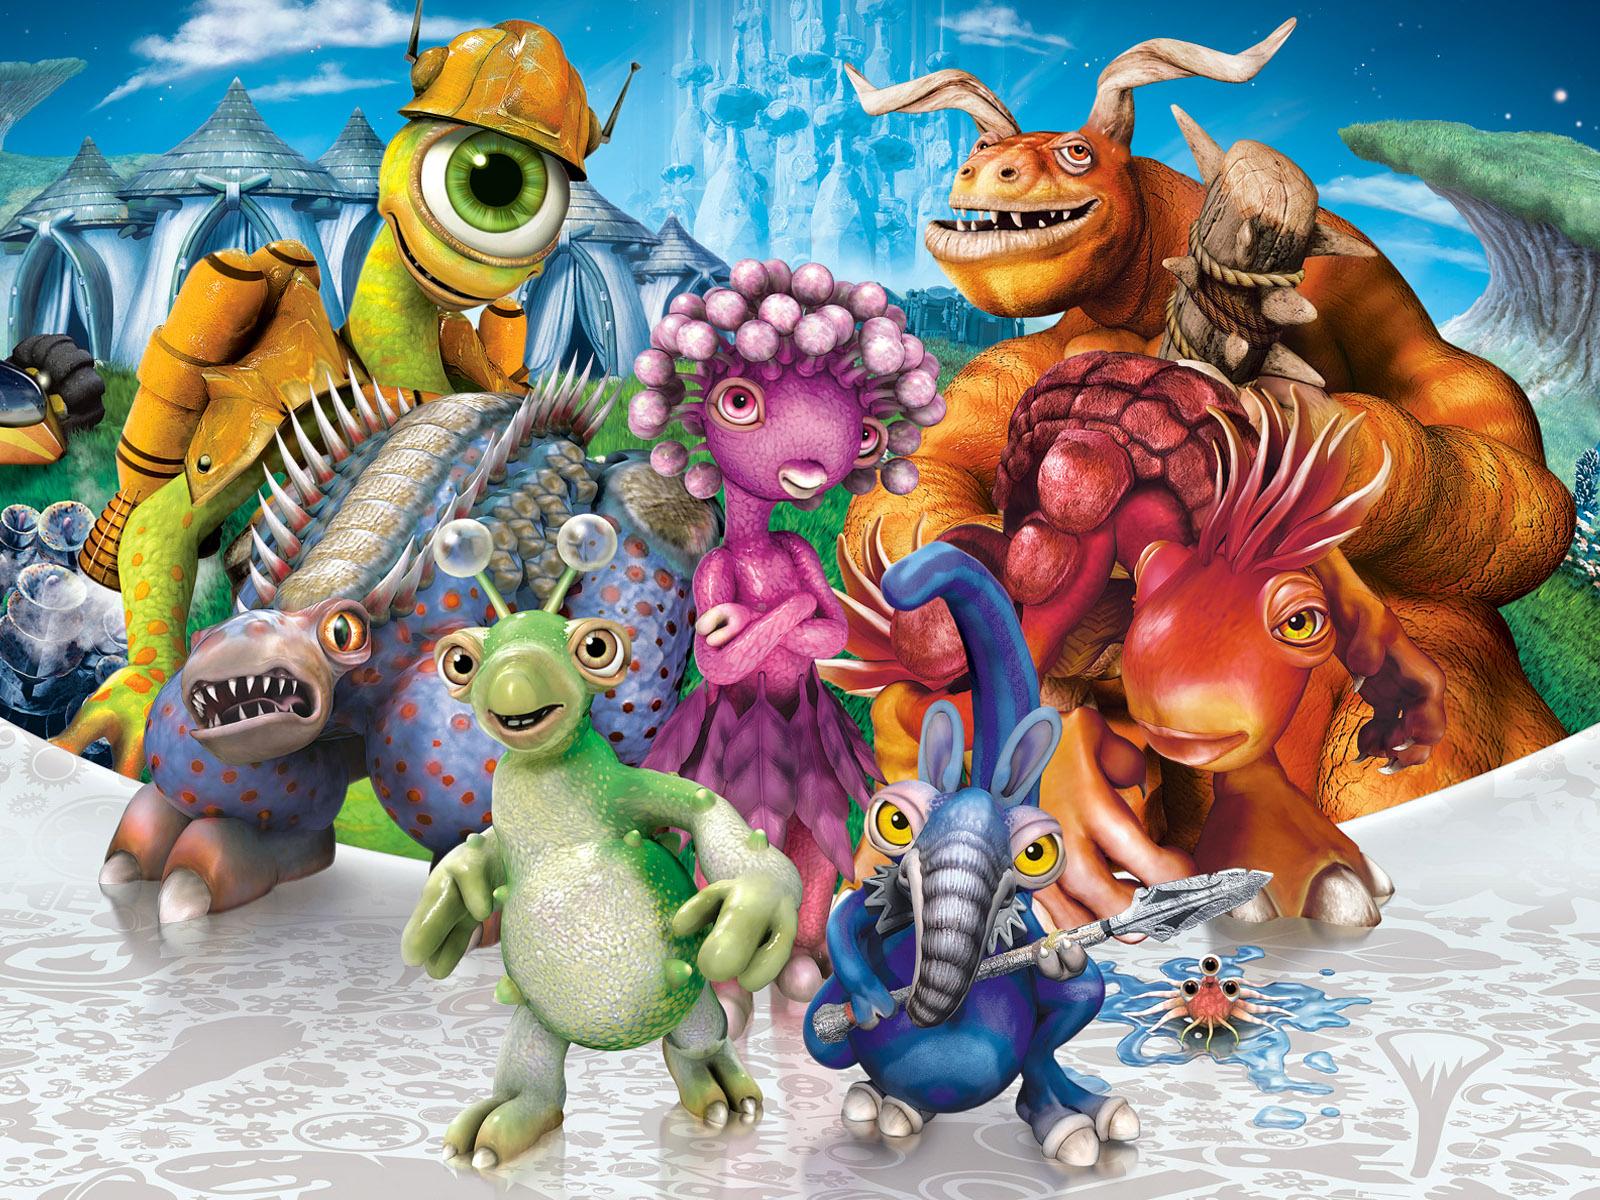 Бесплатно смотреть онлайн Прохождение Spore с Dino0 #1 HD видео игры